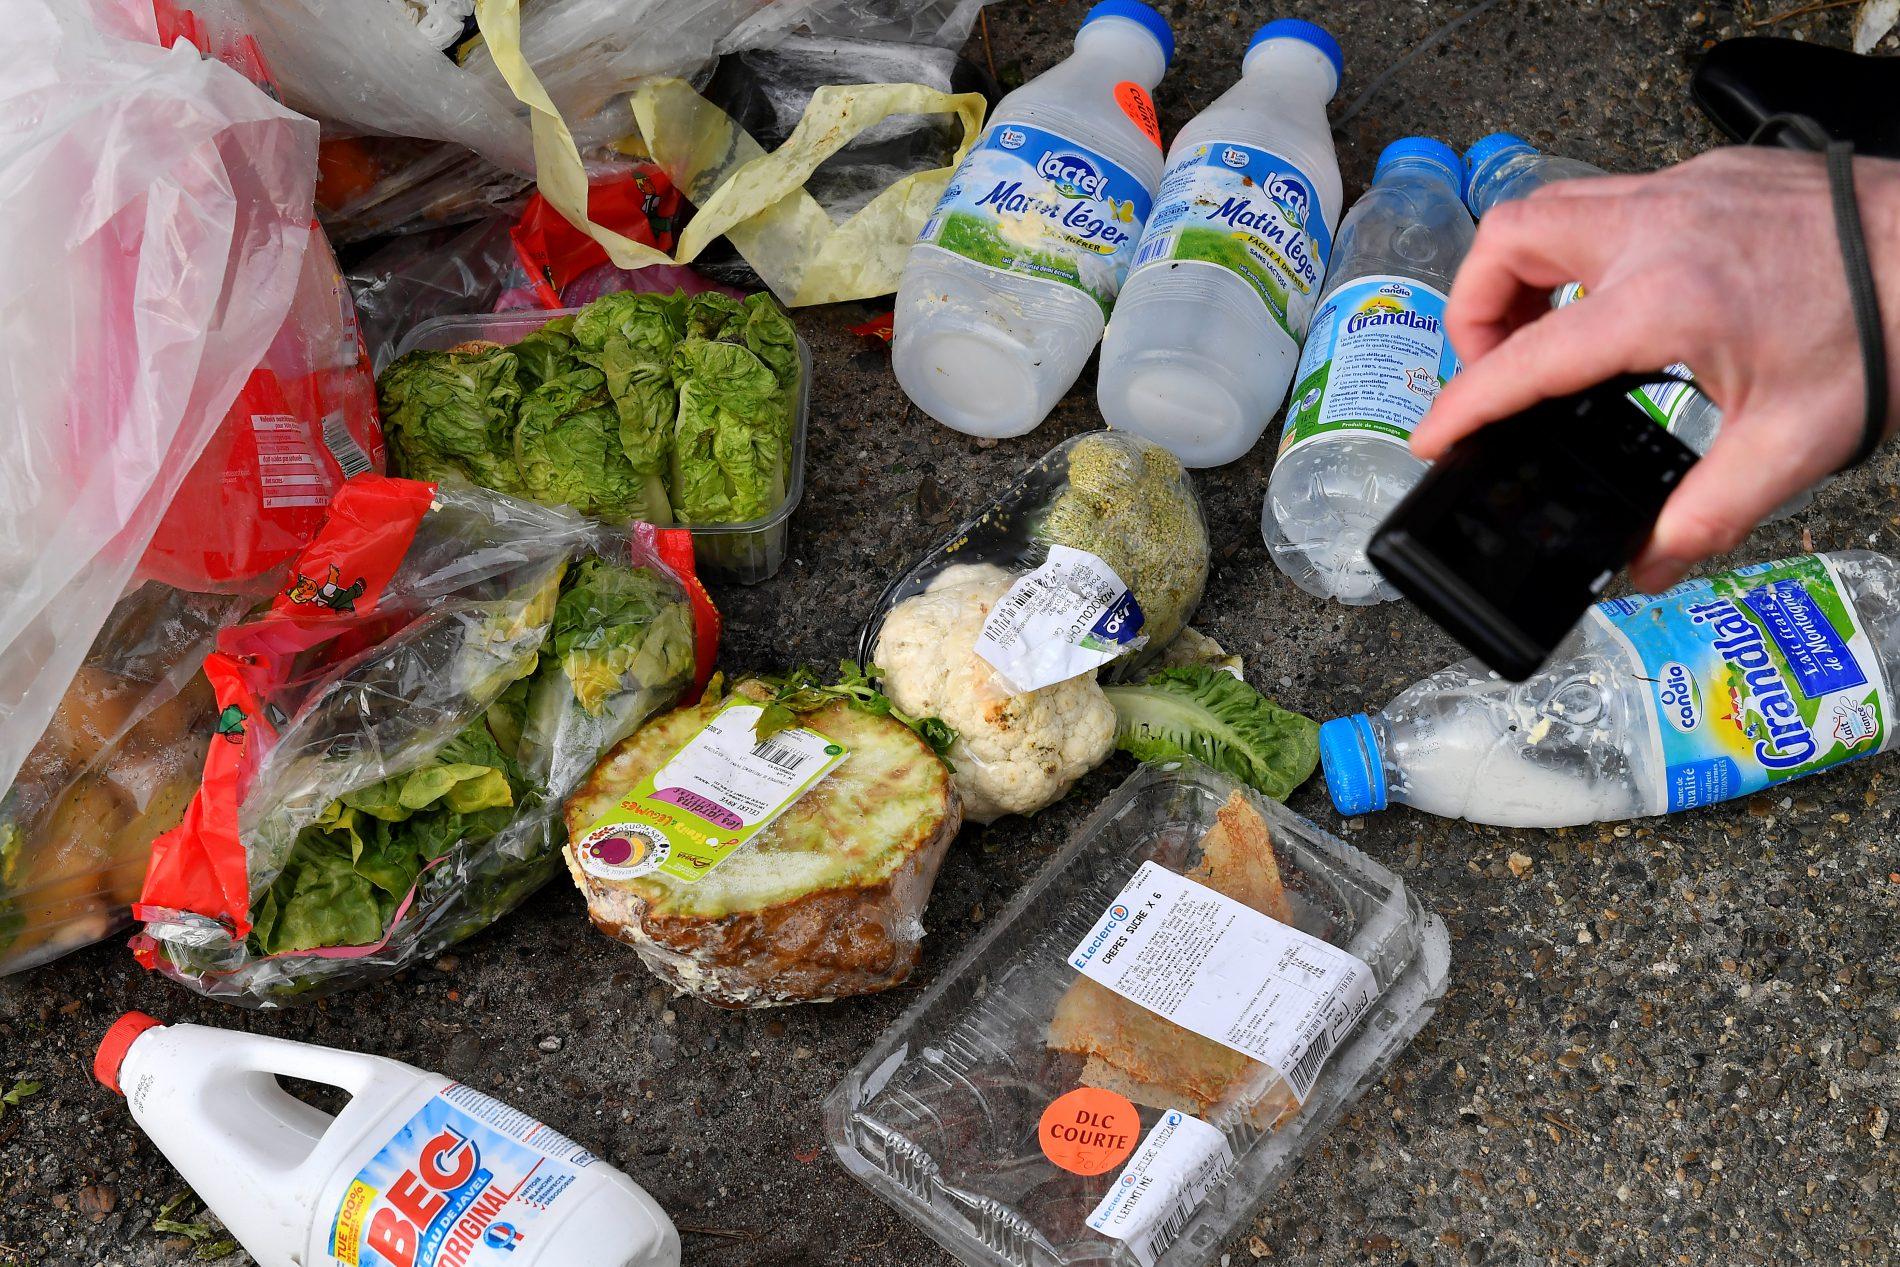 Desperdício de comida. Foto de GEORGES GOBET / AFP